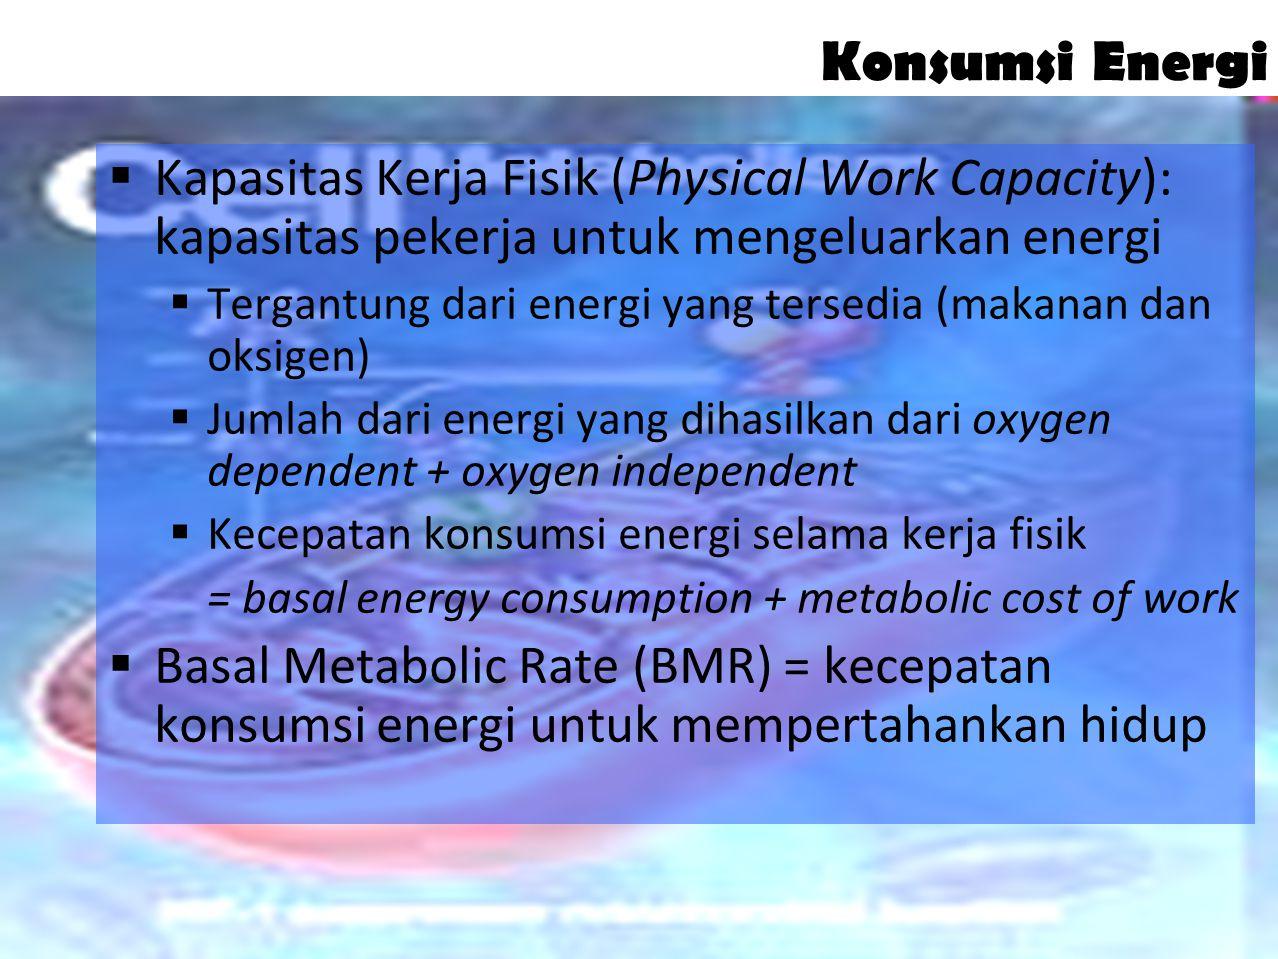 Konsumsi Energi Kapasitas Kerja Fisik (Physical Work Capacity): kapasitas pekerja untuk mengeluarkan energi.